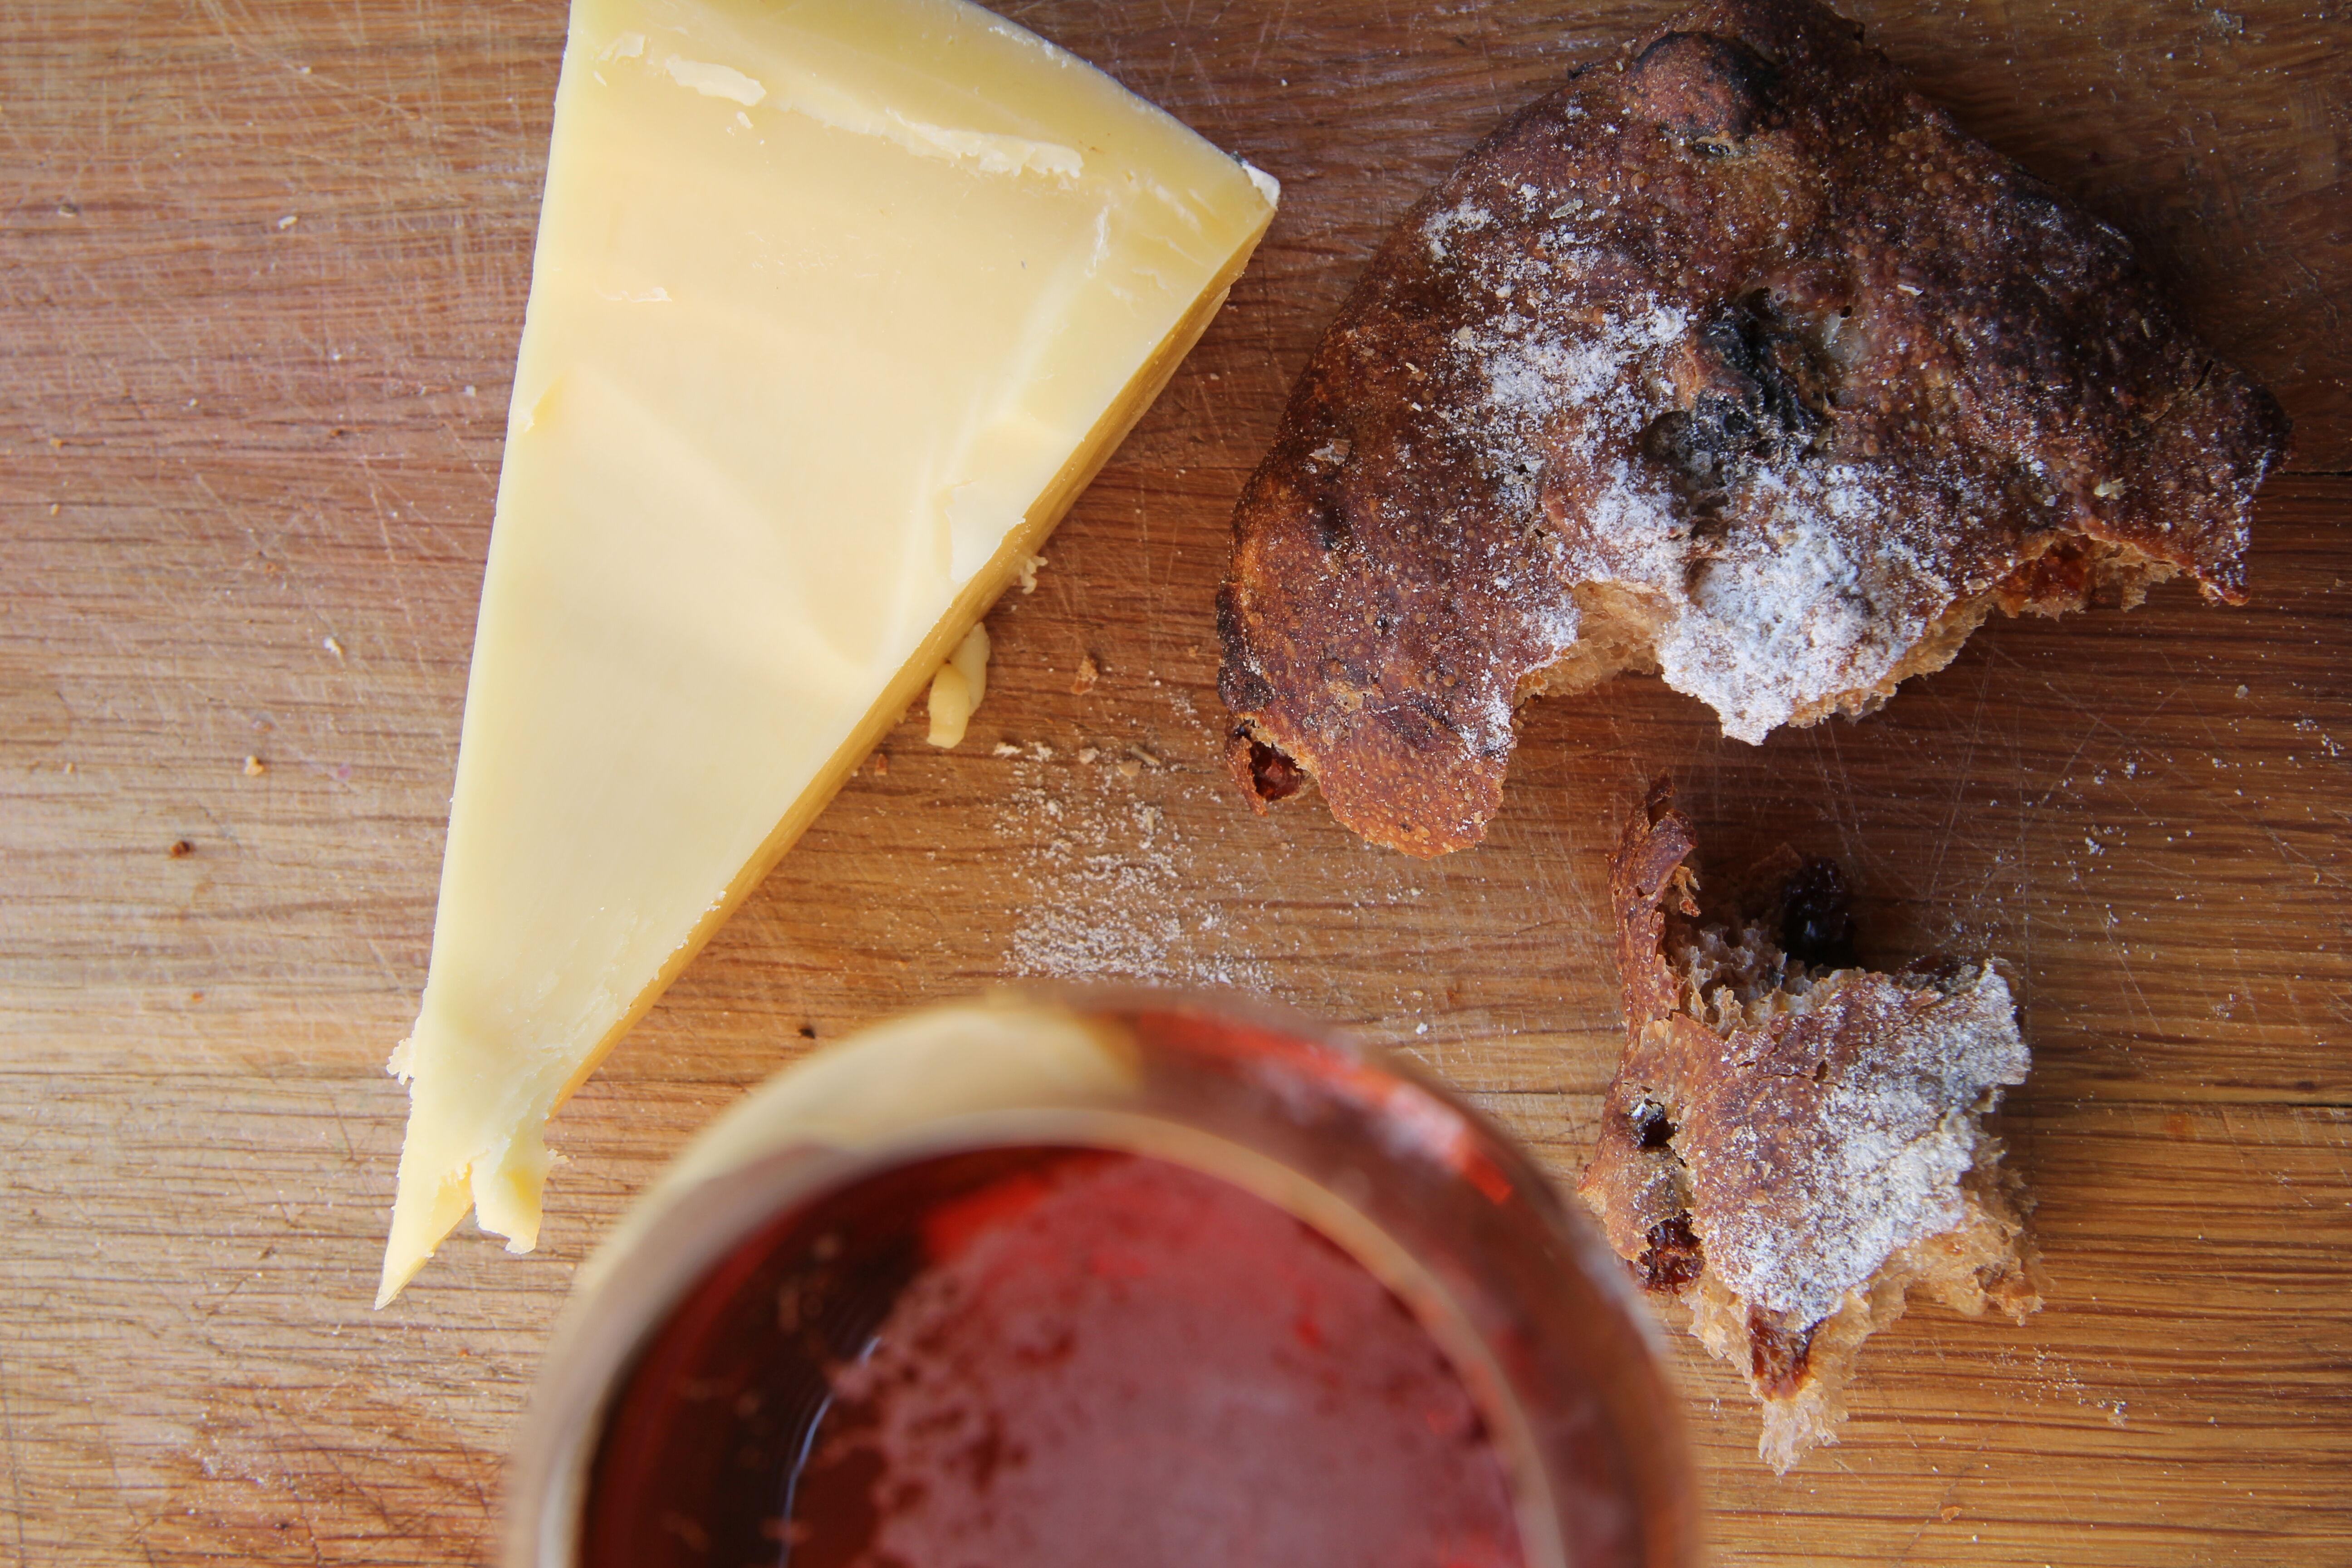 Påsköl ost Gouda bröd uppifrån horisontal Erica Landin